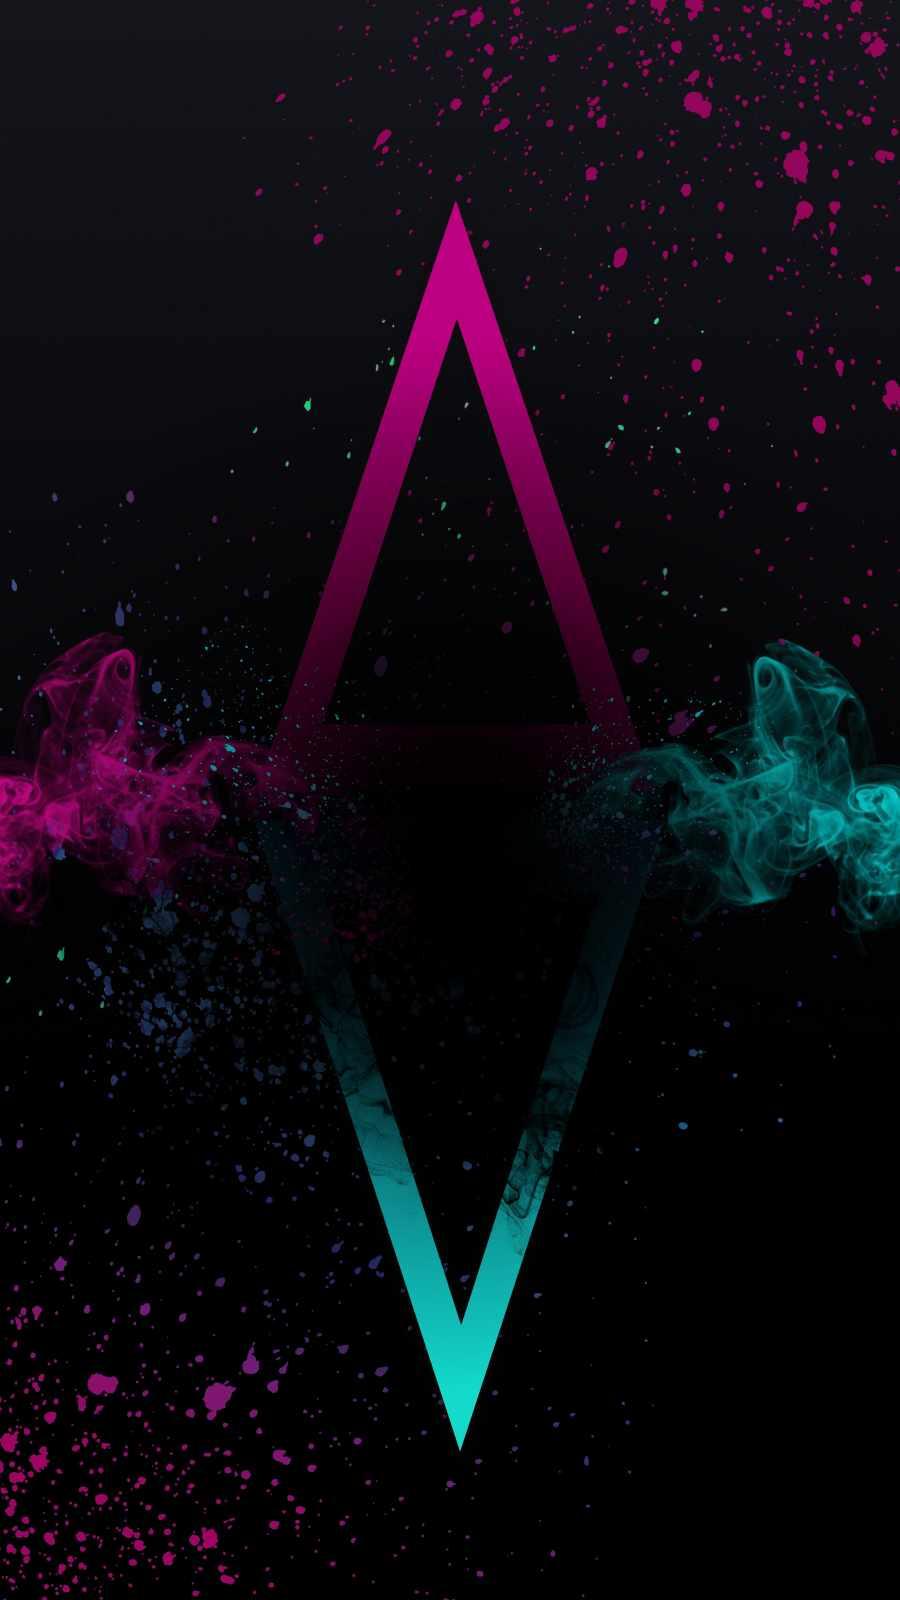 Rhombus Neon Smoke 1